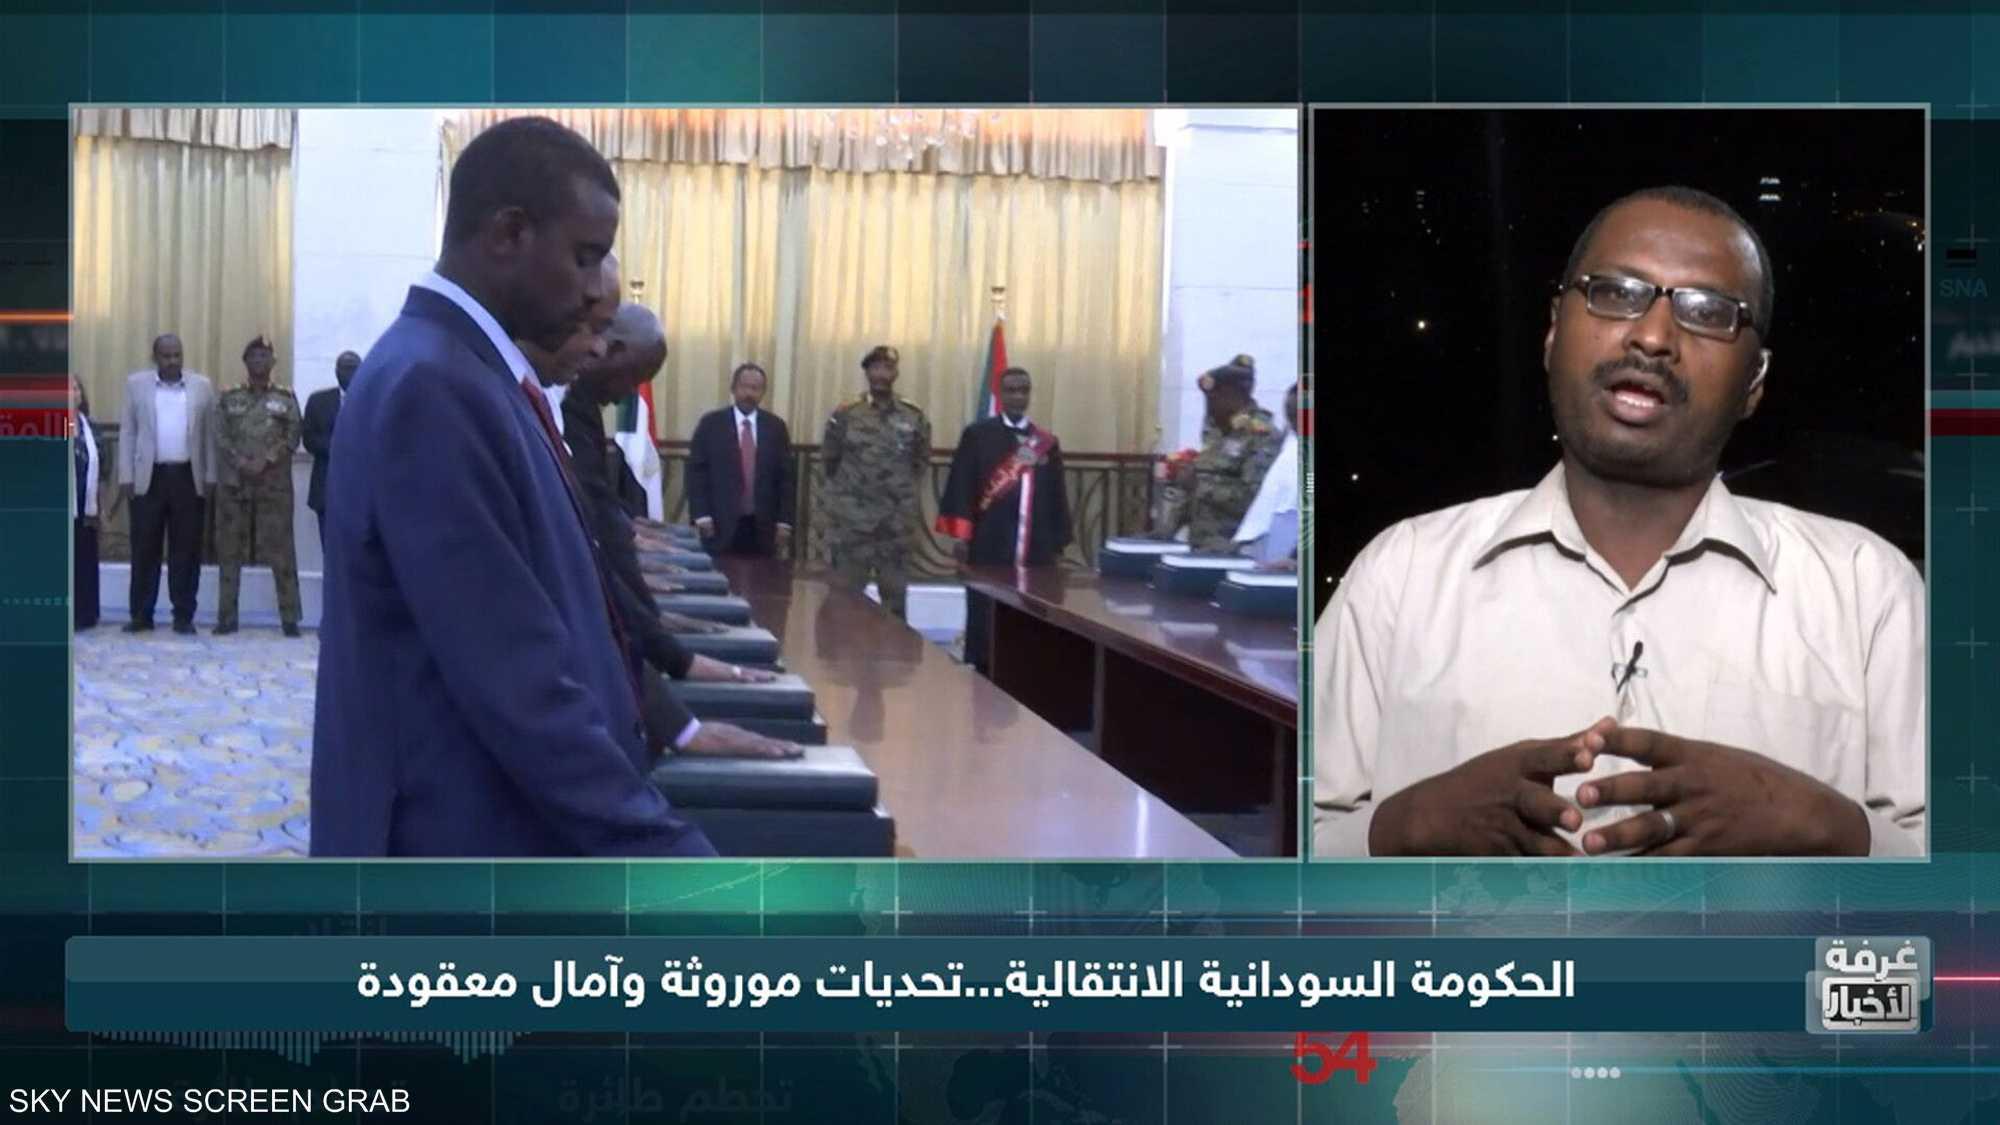 الحكومة السودانية الانتقالية.. تحديات موروثة وآمال معقودة